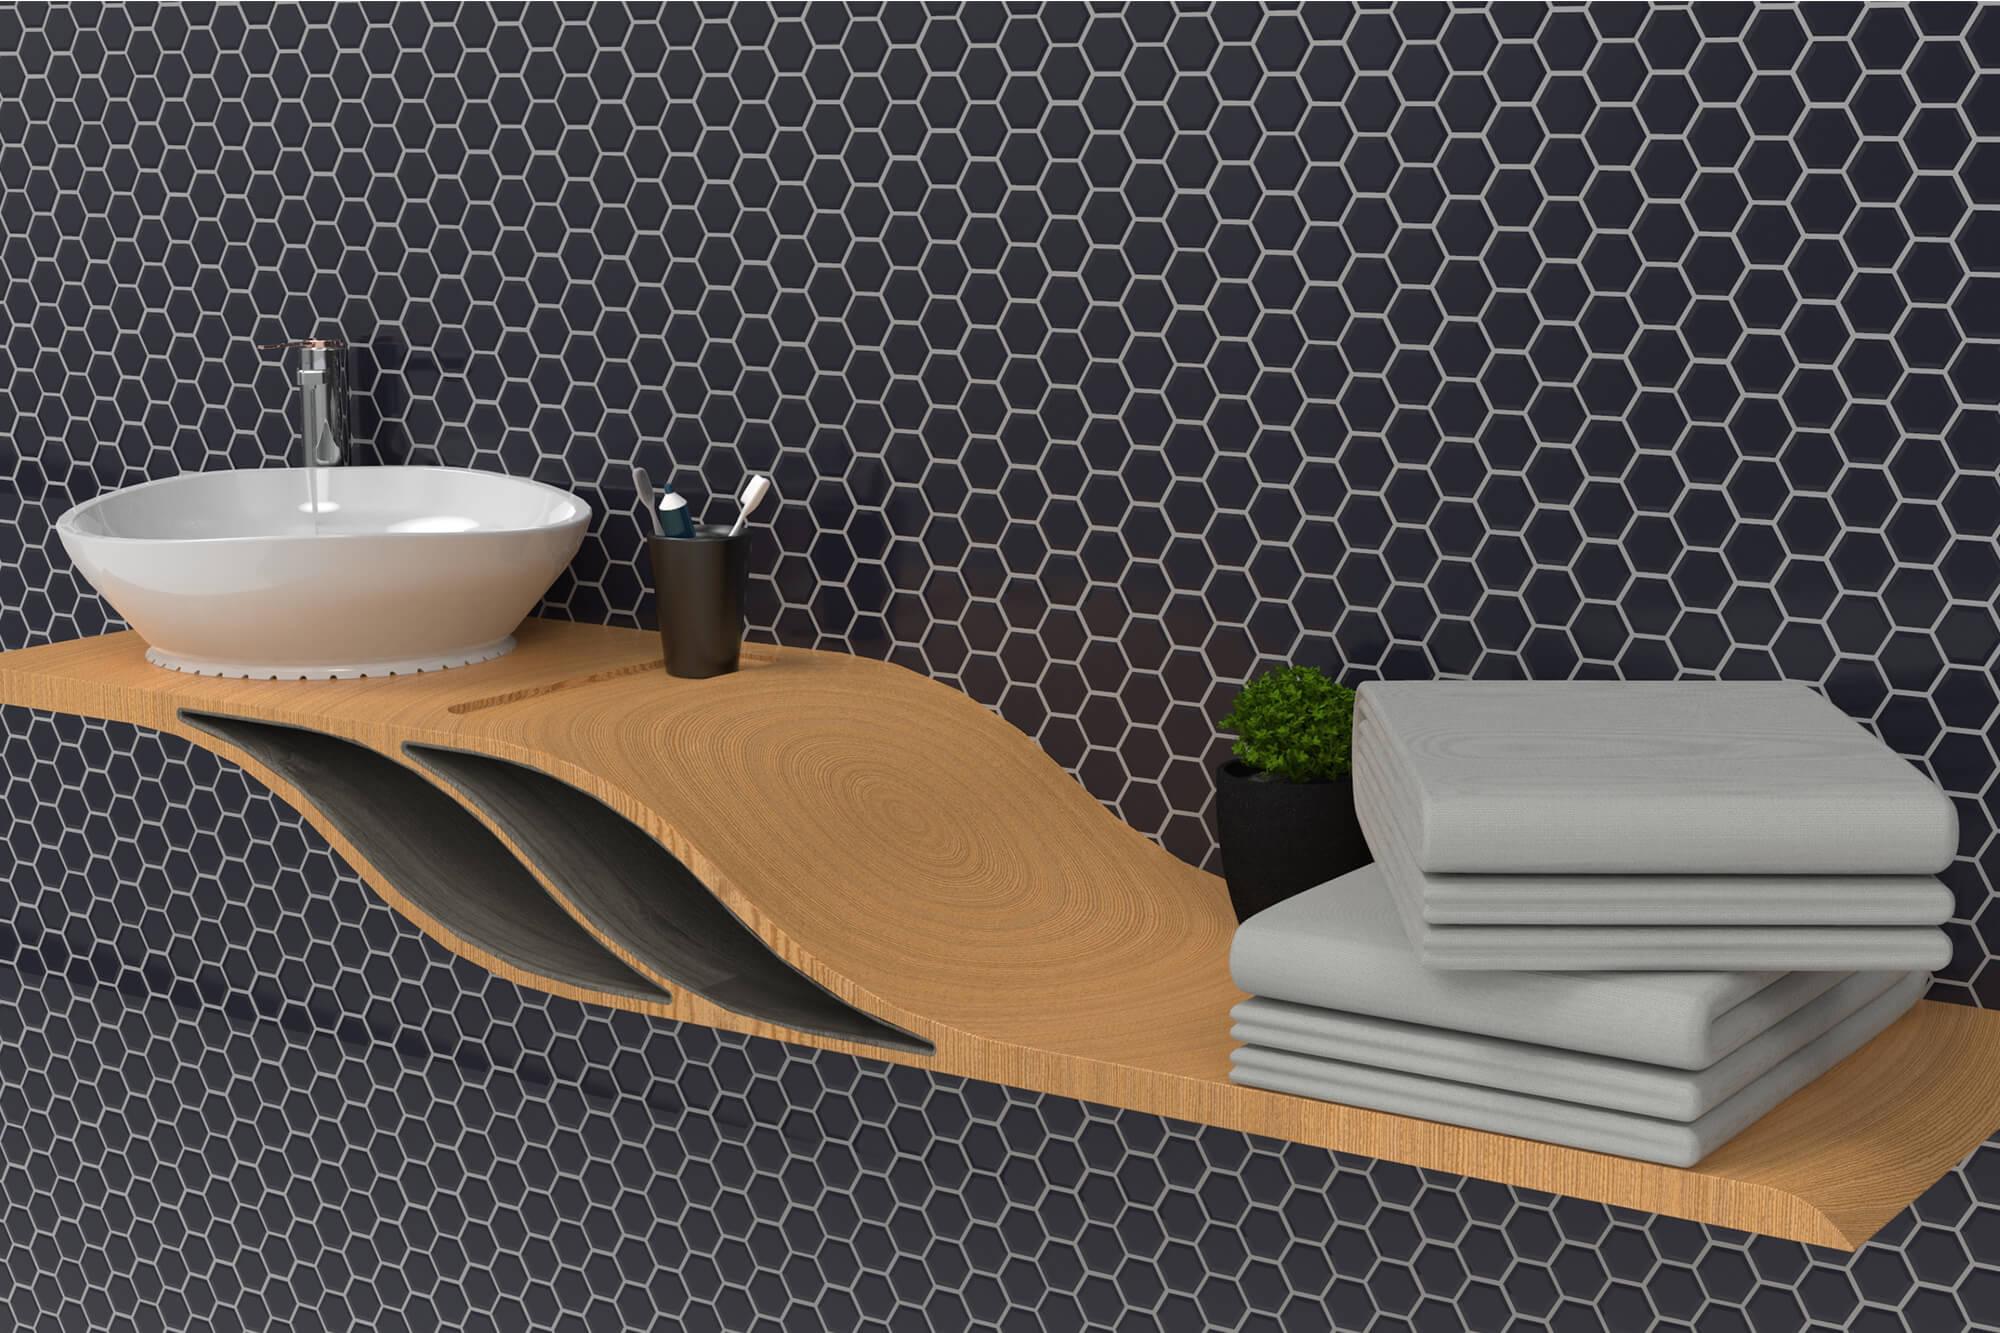 CAD design of a modern bathroom sink and shelf storage unit